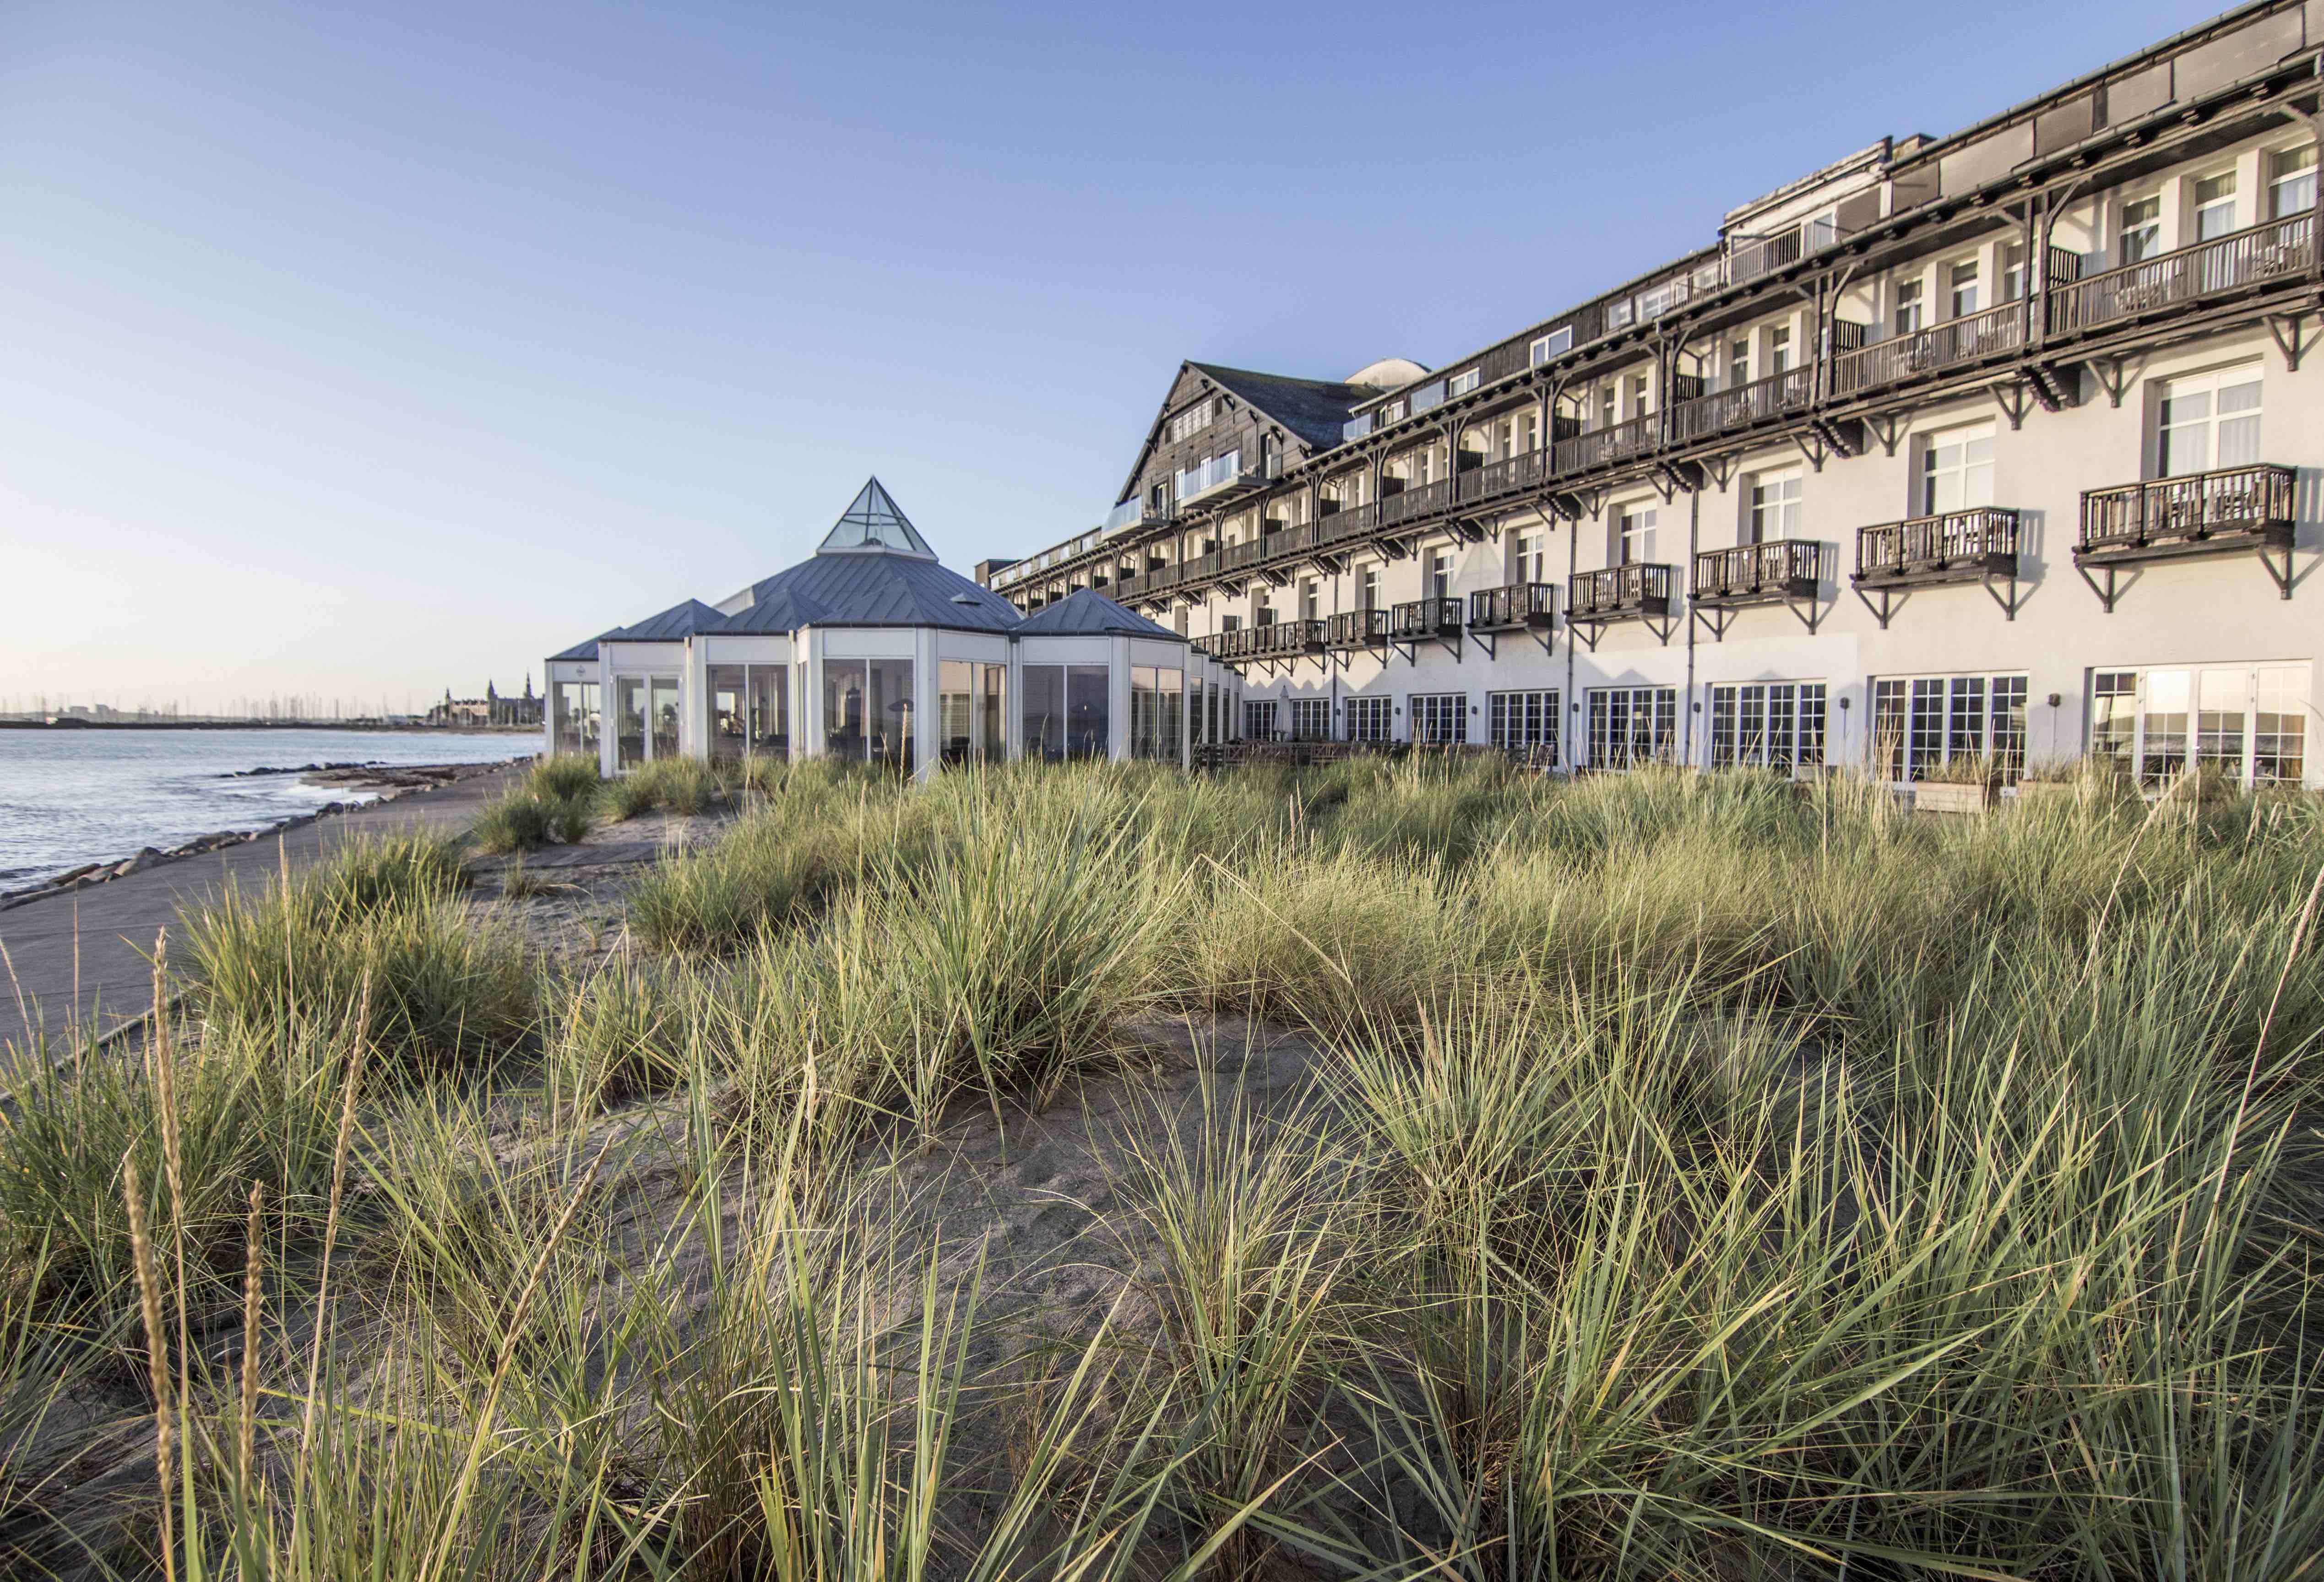 Marienlyst Strandhotel ved Helsingør er med foreløbig 225 værelser største medlem af Small Danish Hotels; mindste er Humble Kro på Langeland med blot syv værelser. Foto: Small Danish Hotels.